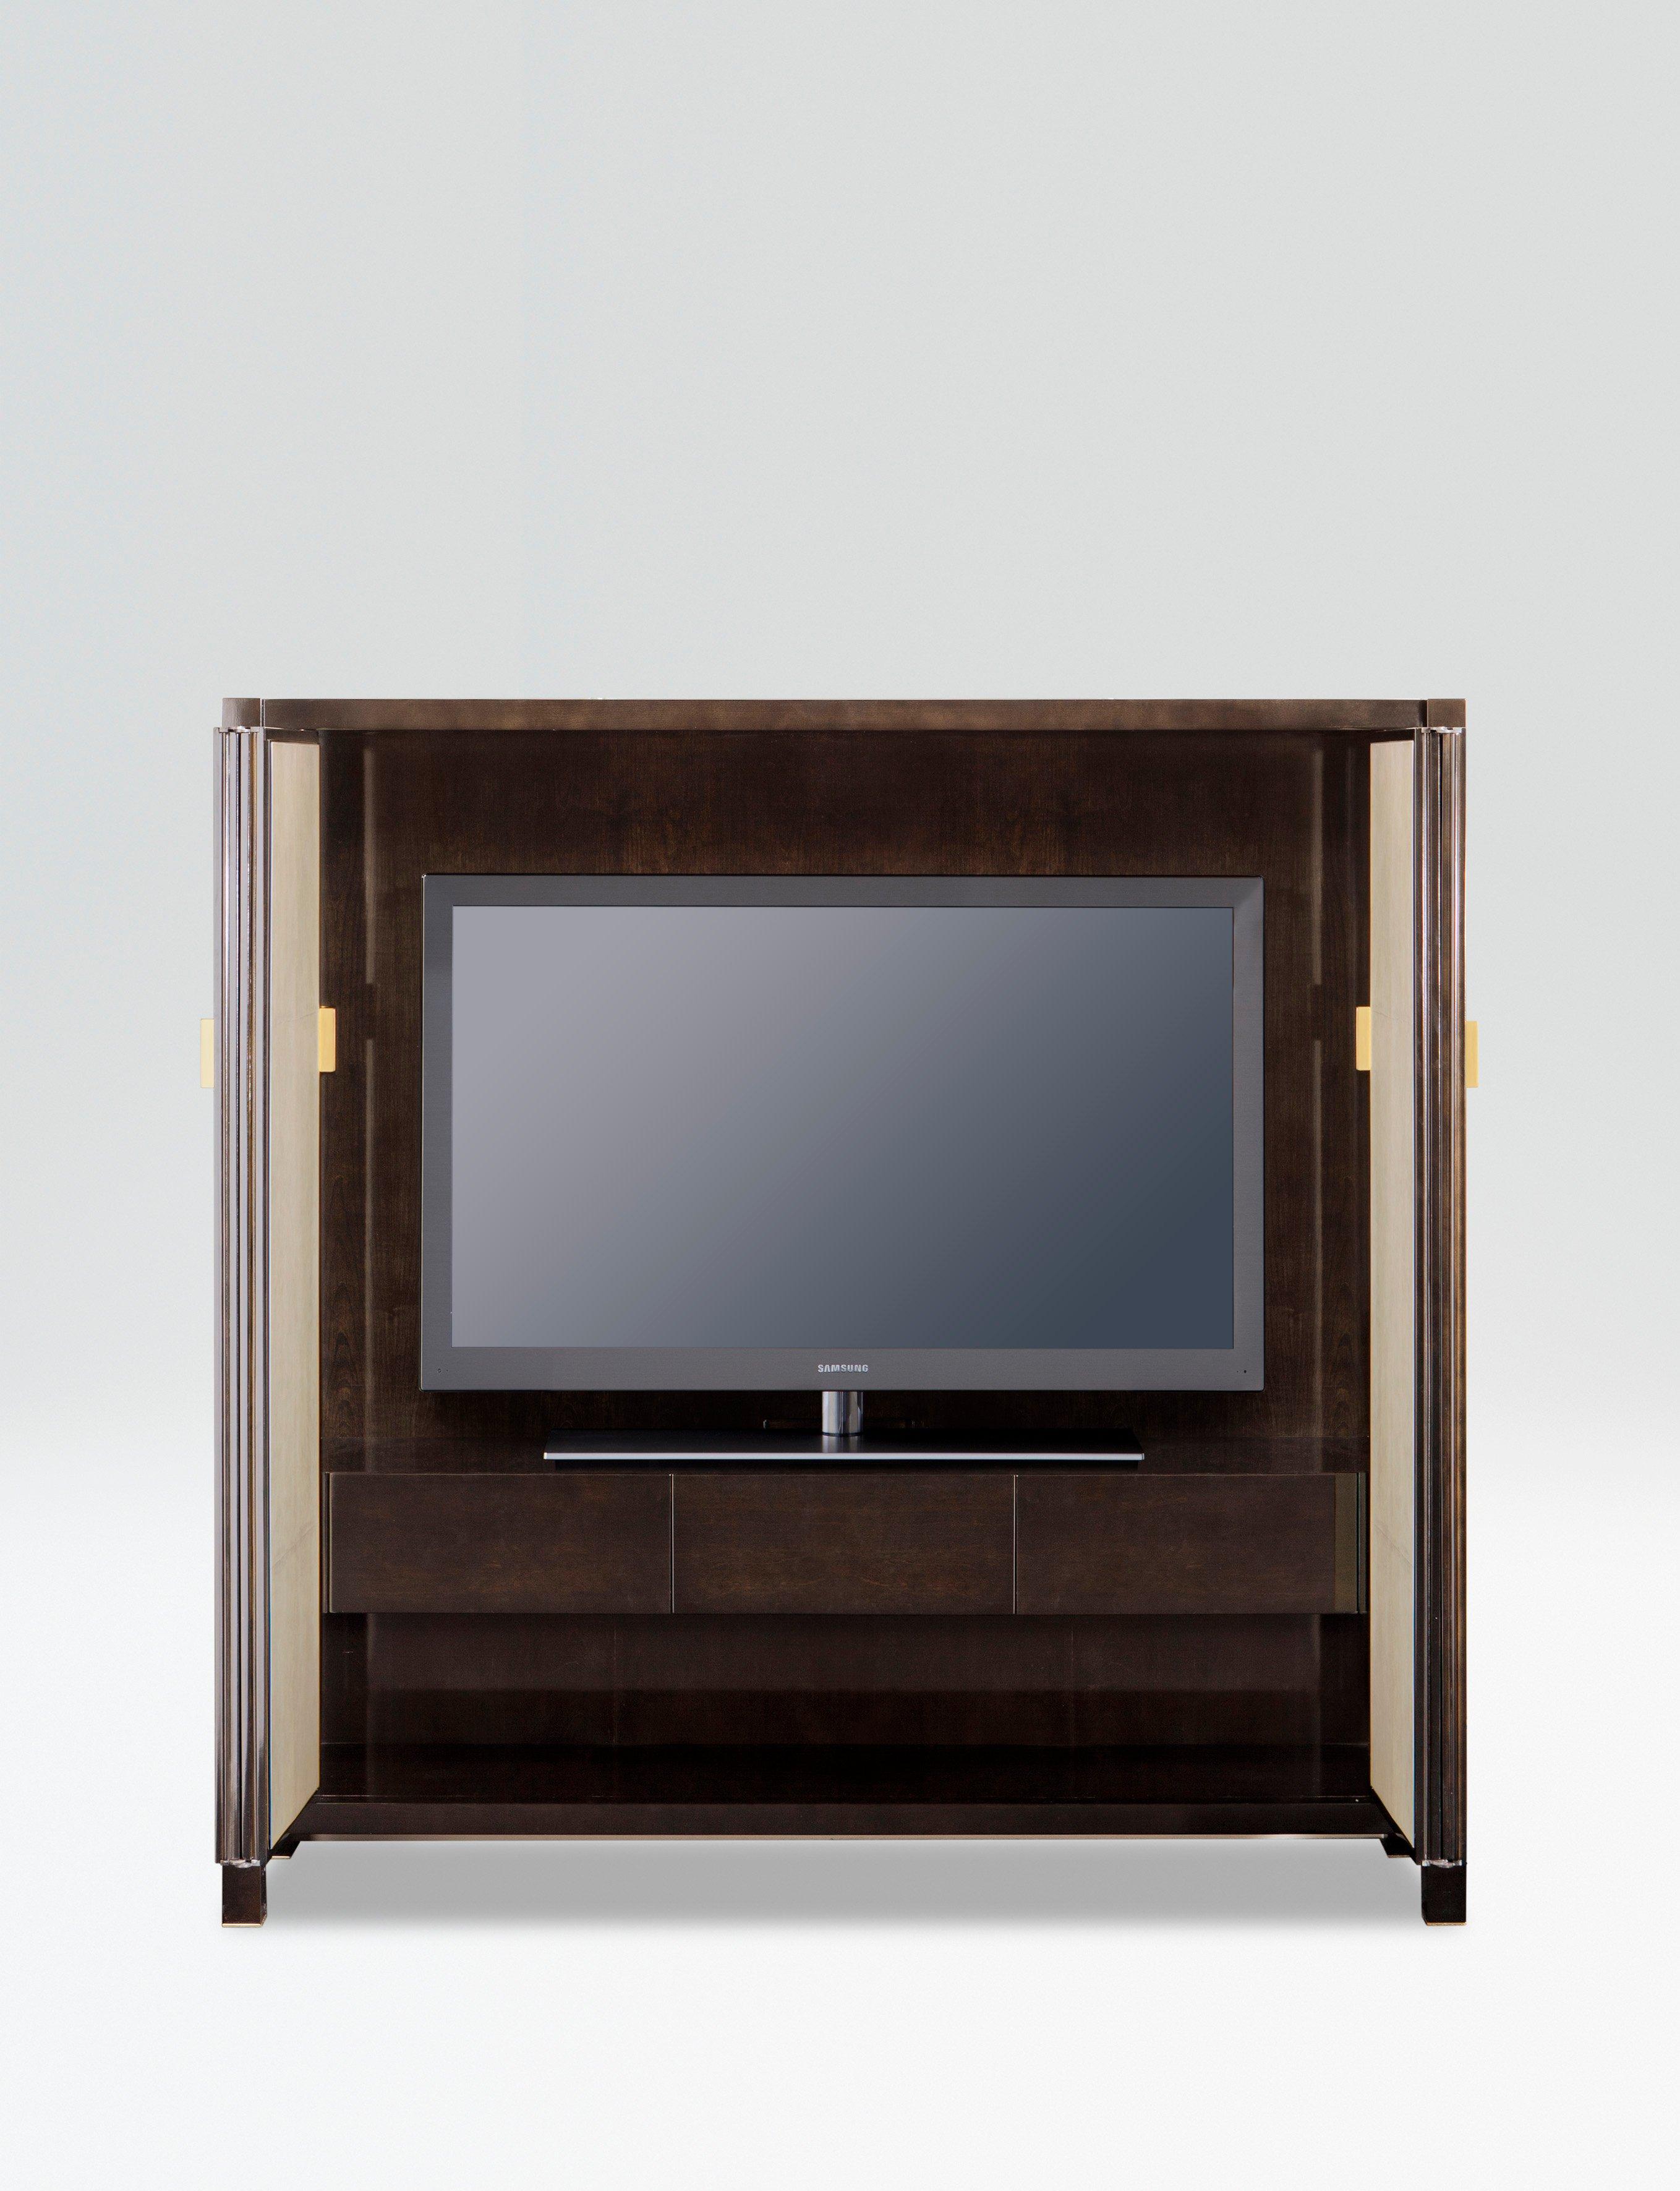 Modelos de muebles para televisor el mercado ofrece for Modelos de muebles para televisor